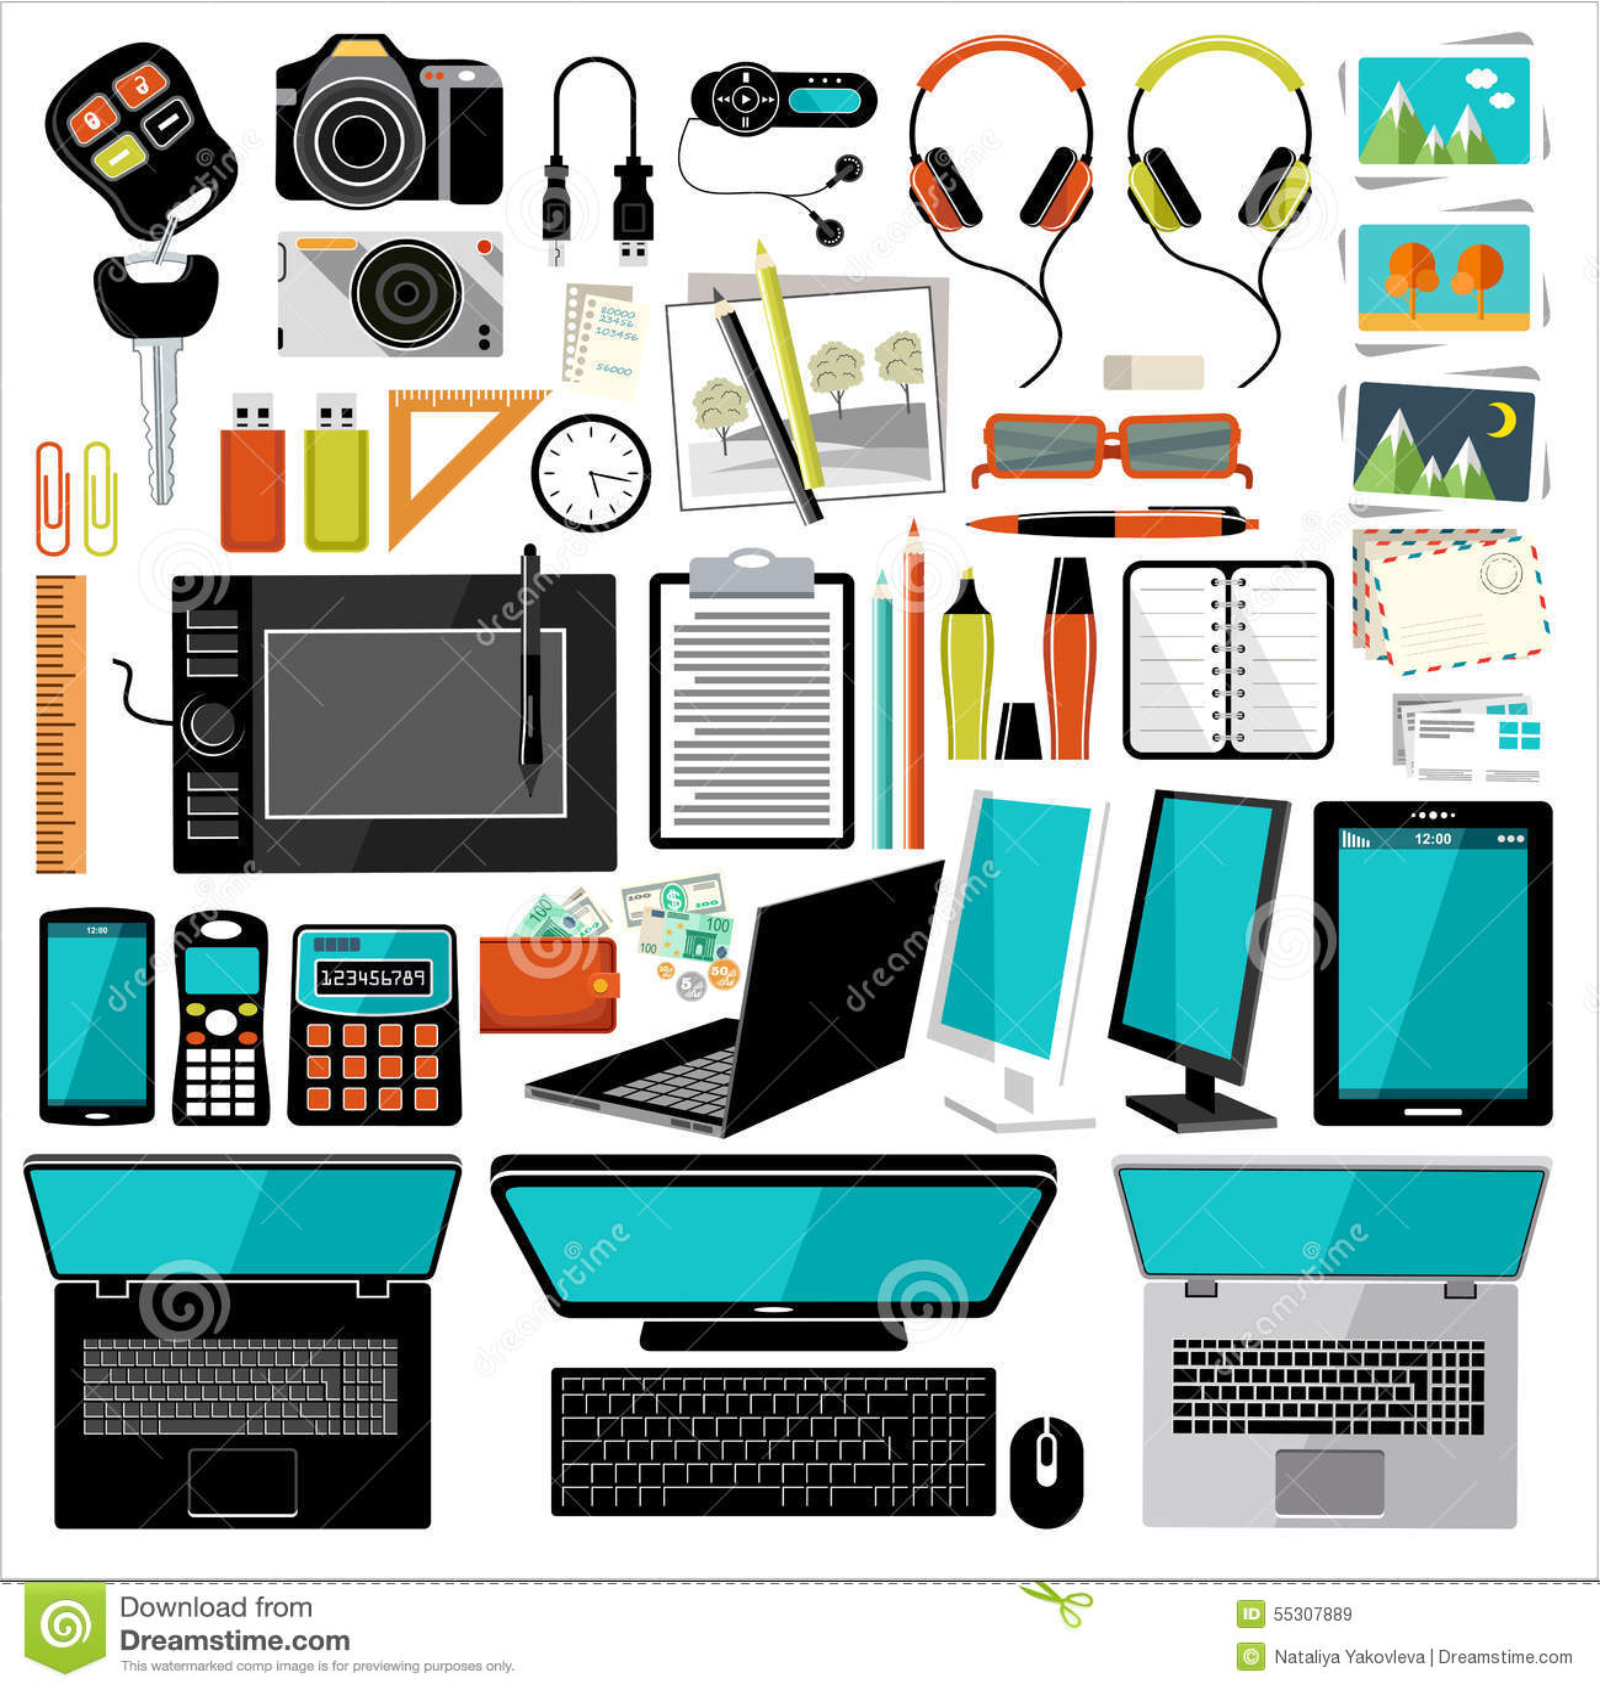 Art culos y accesorios de la oficina ilustraci n del for Accesorios de oficina